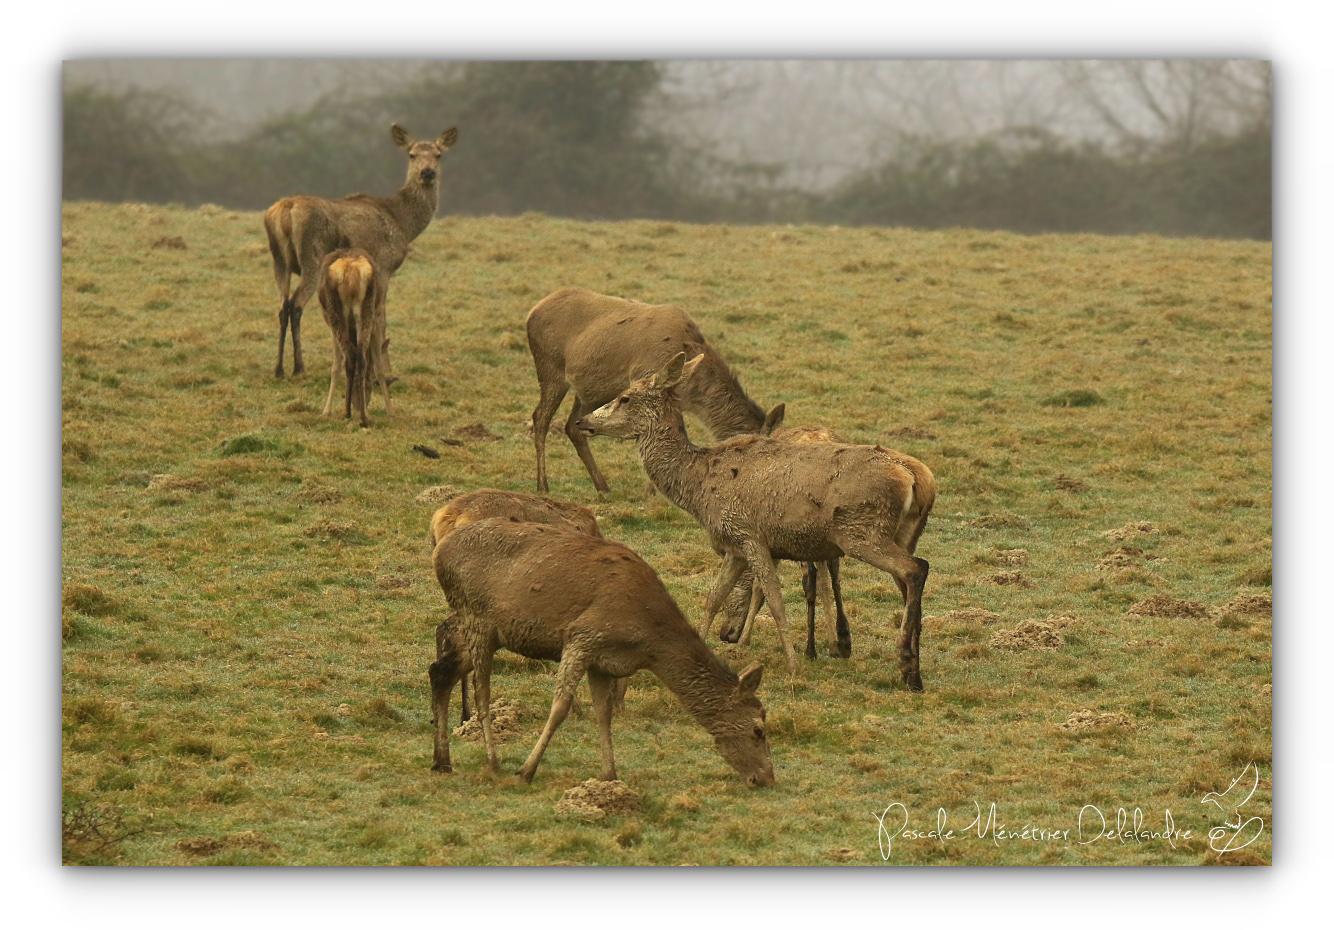 Beauté sereine dans un léger brouillard